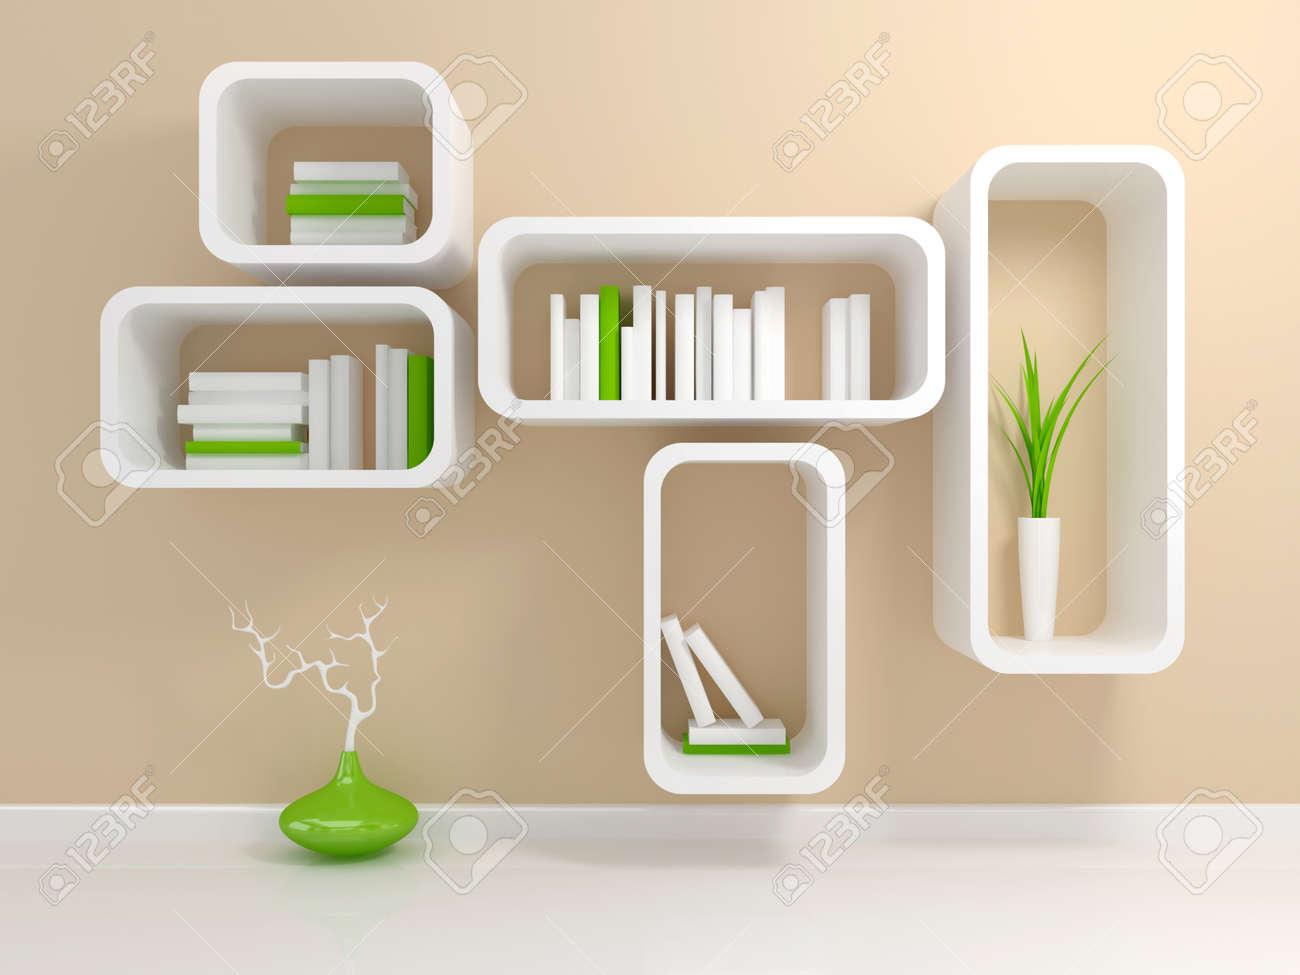 Realistic 3d illustration of modern wooden bookshelf against ston - Book Shelf White Bookshelf Modern White Bookshelf With A White And Green Books Against Beige